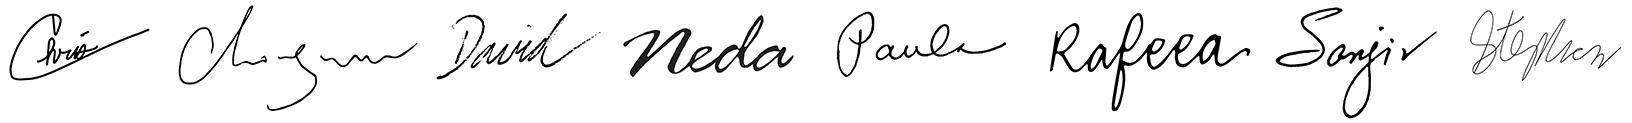 Team_Signatures_Collage-061721_D